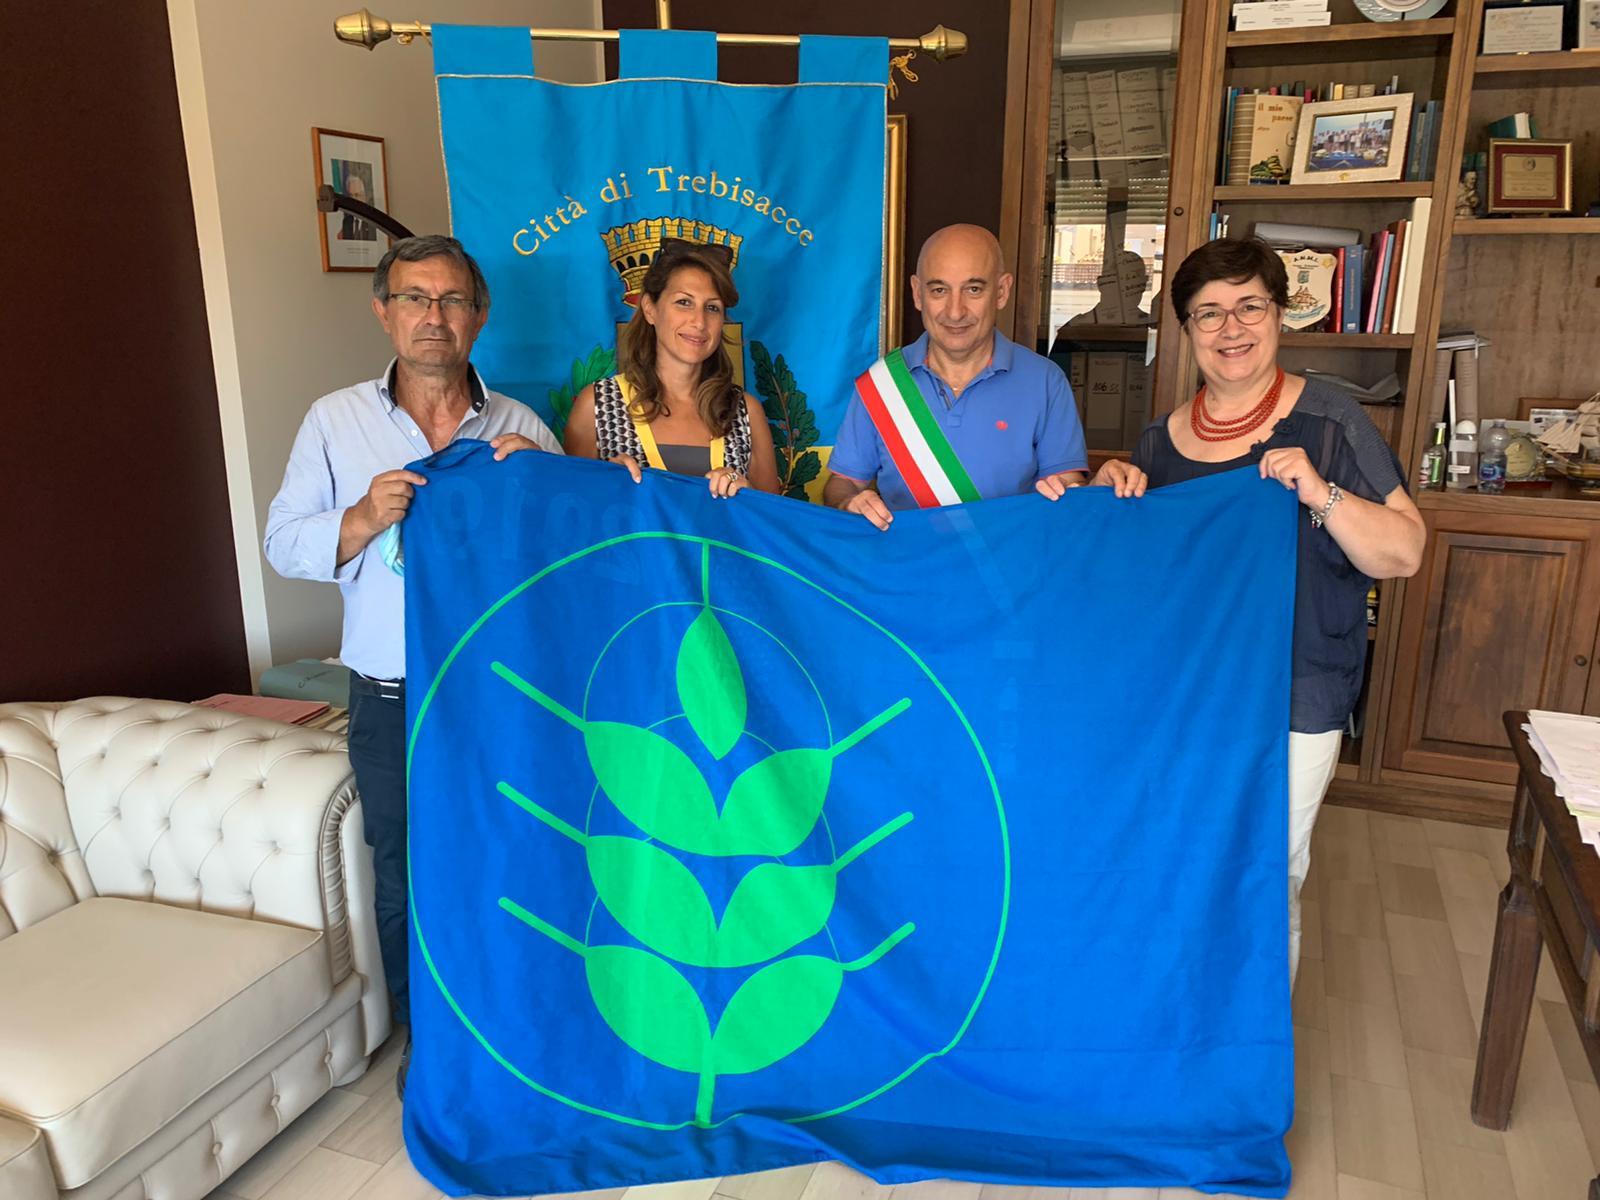 cs-trebisacce-e-di-nuovo-bandiera-spighe-verdi